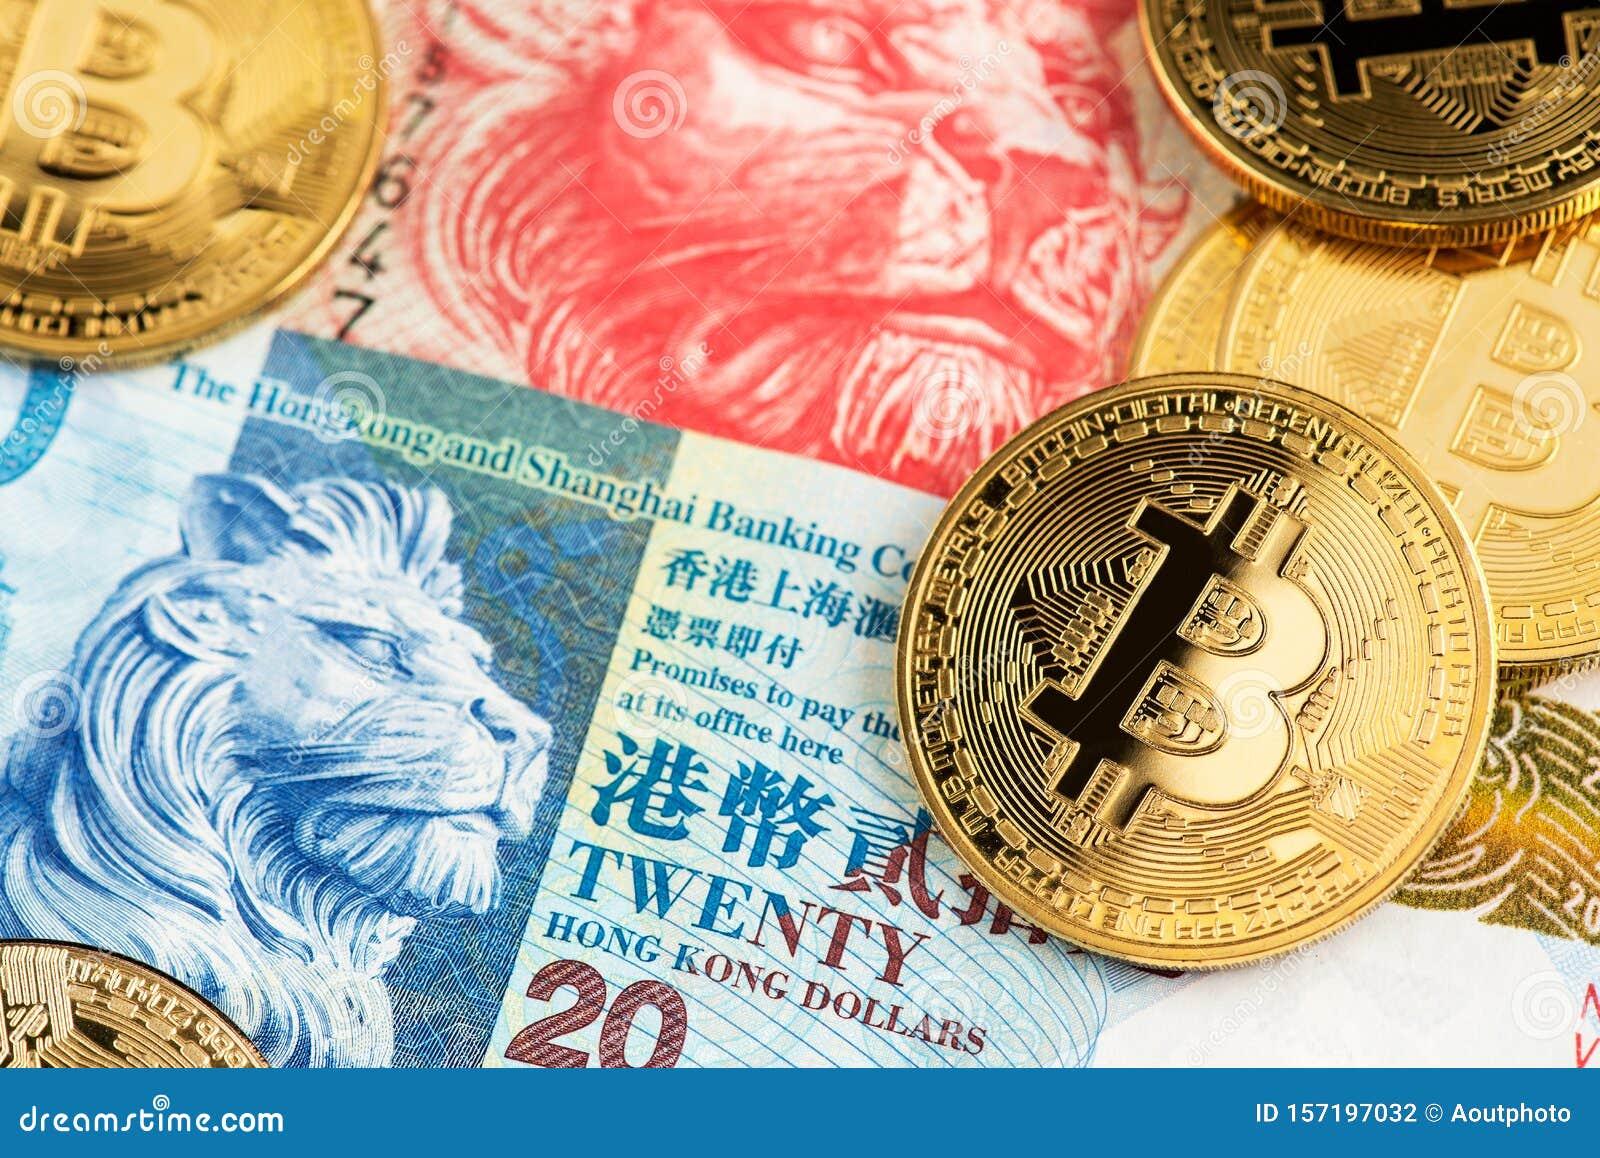 1 bitcoin la hkd)